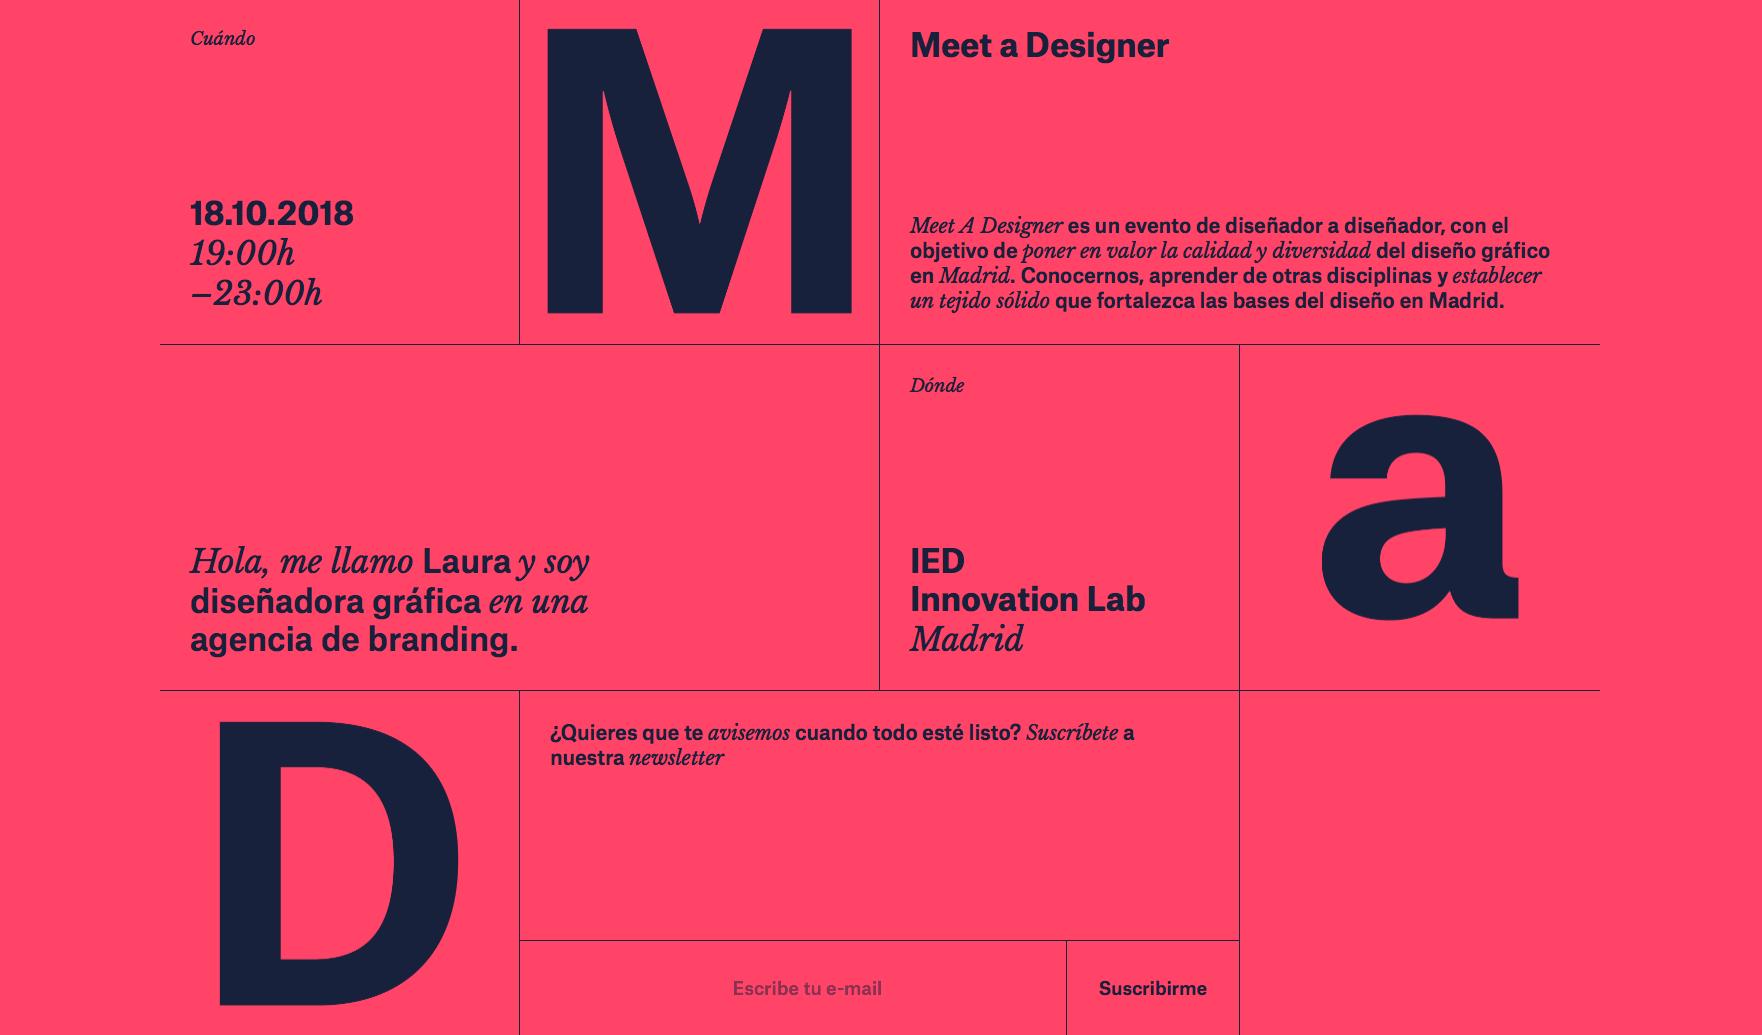 meet a designer horario